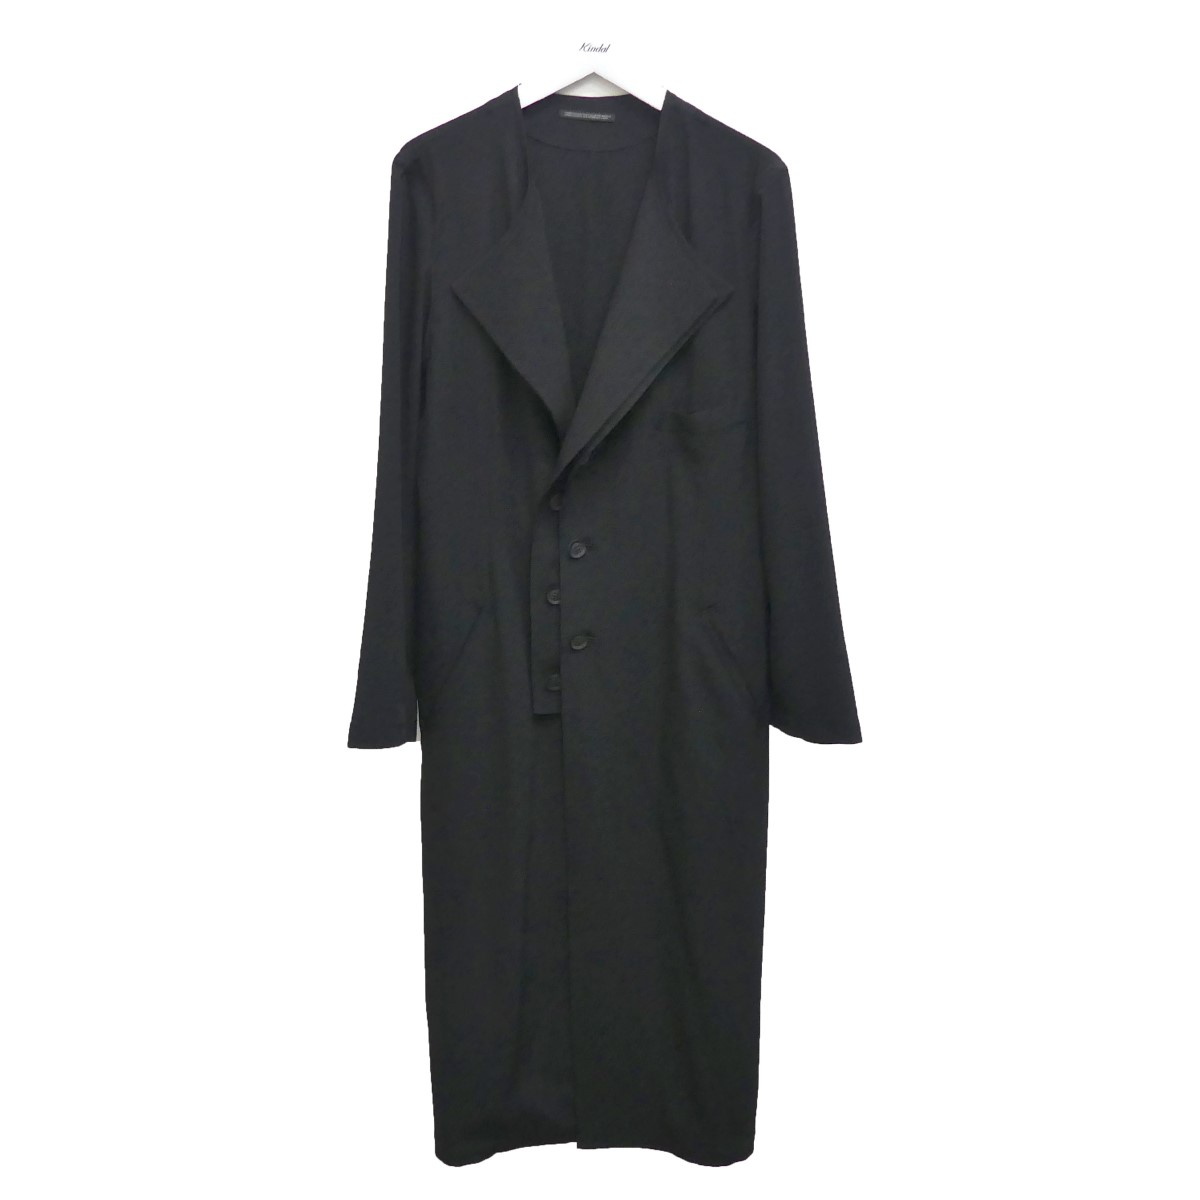 【中古】YOHJI YAMAMOTO pour homme 20SS ノーカラーロングジャケット ブラック サイズ:3 【130820】(ヨウジヤマモトプールオム)